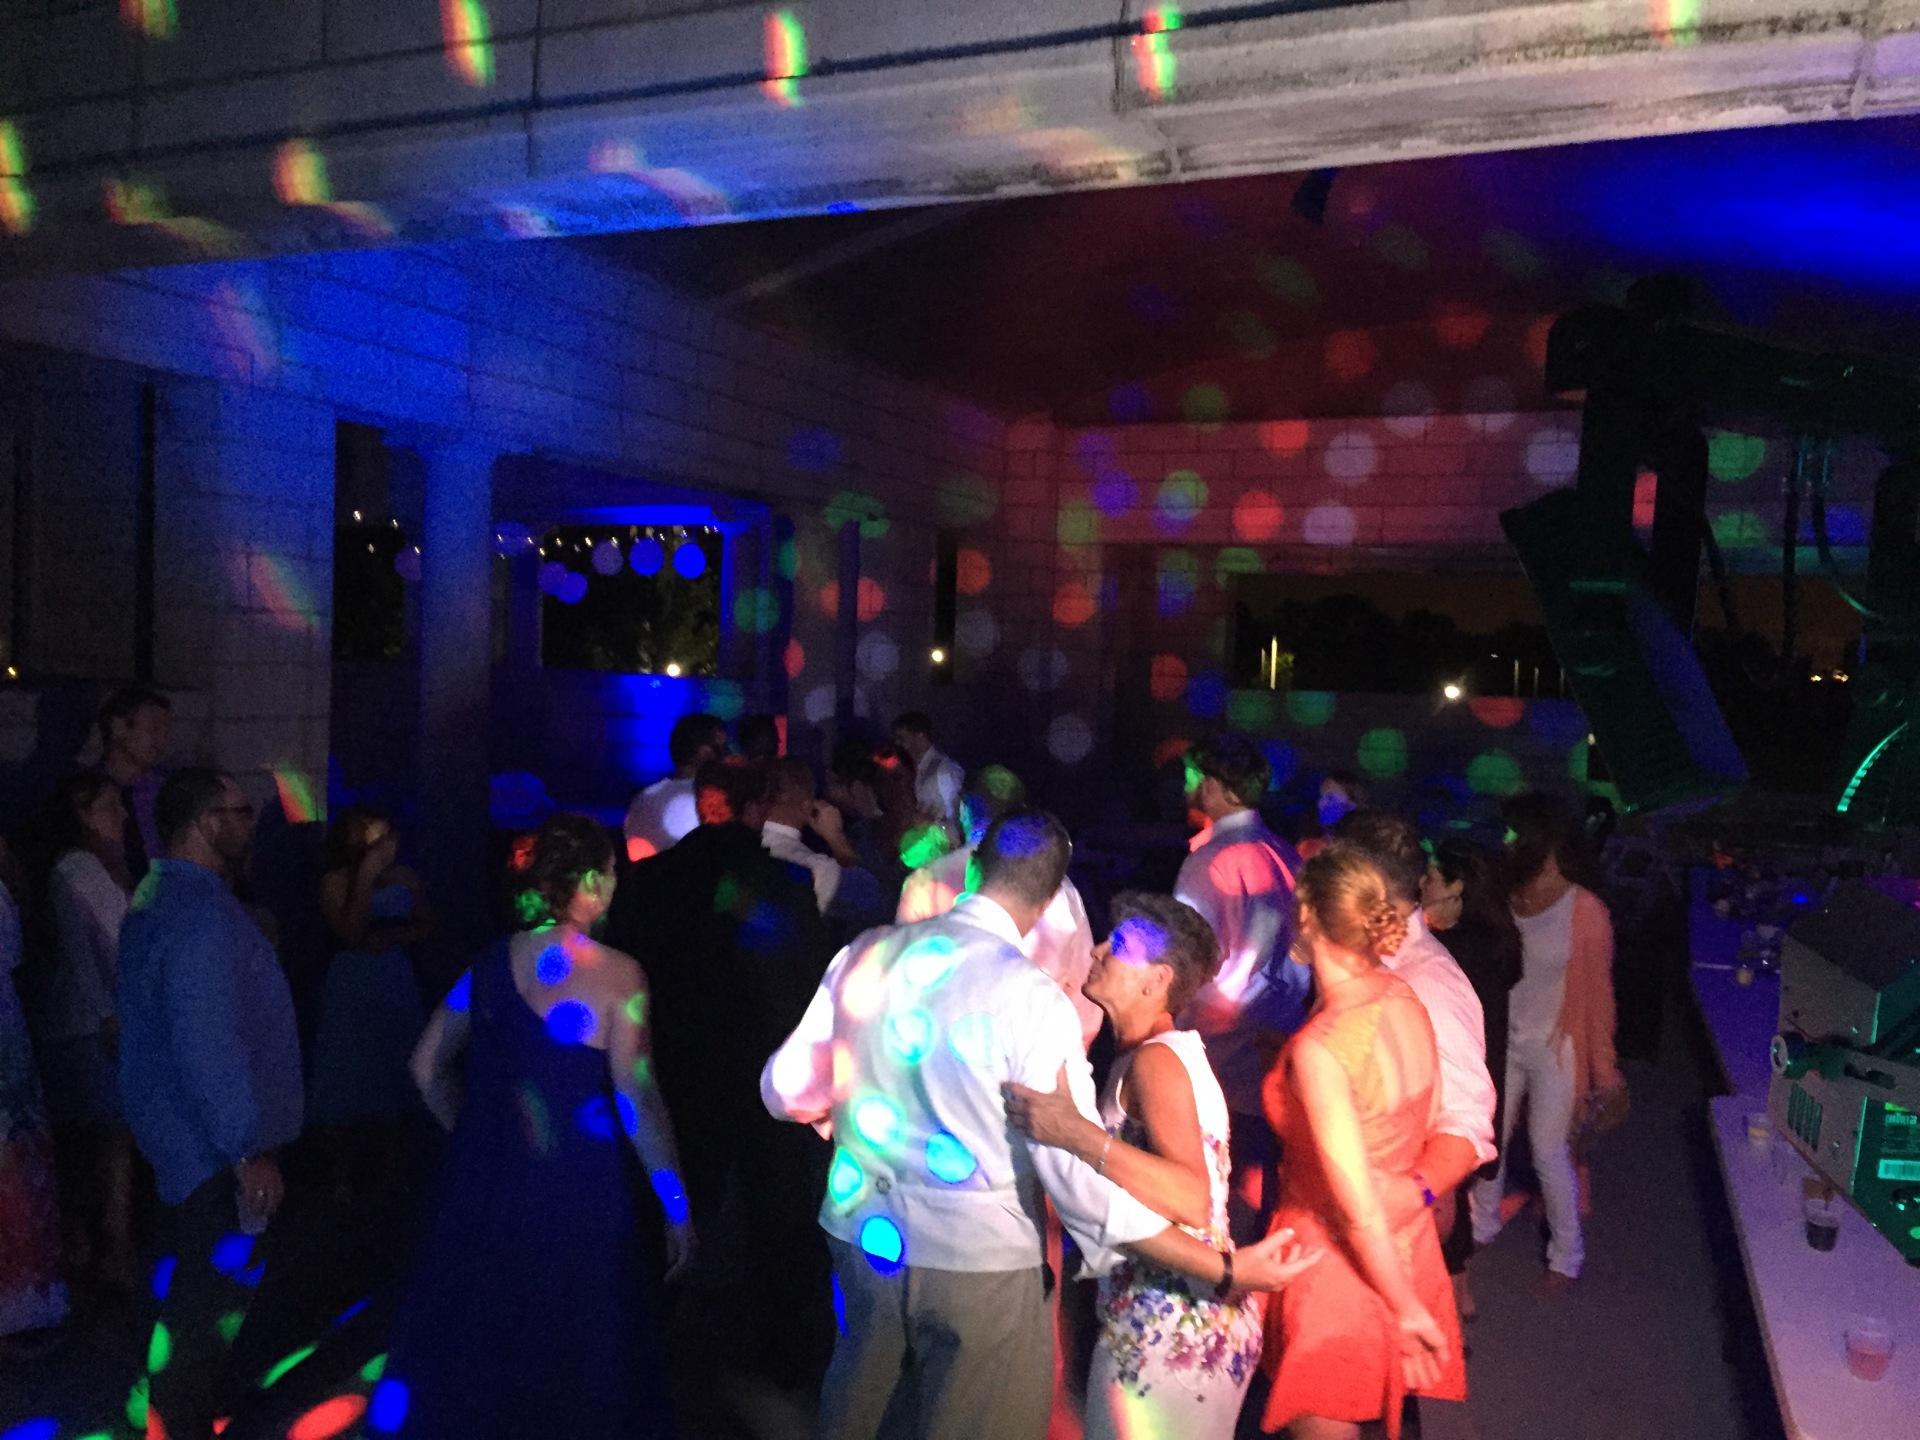 Aquatorium Gary wedding DJ Arrested Sounds Review